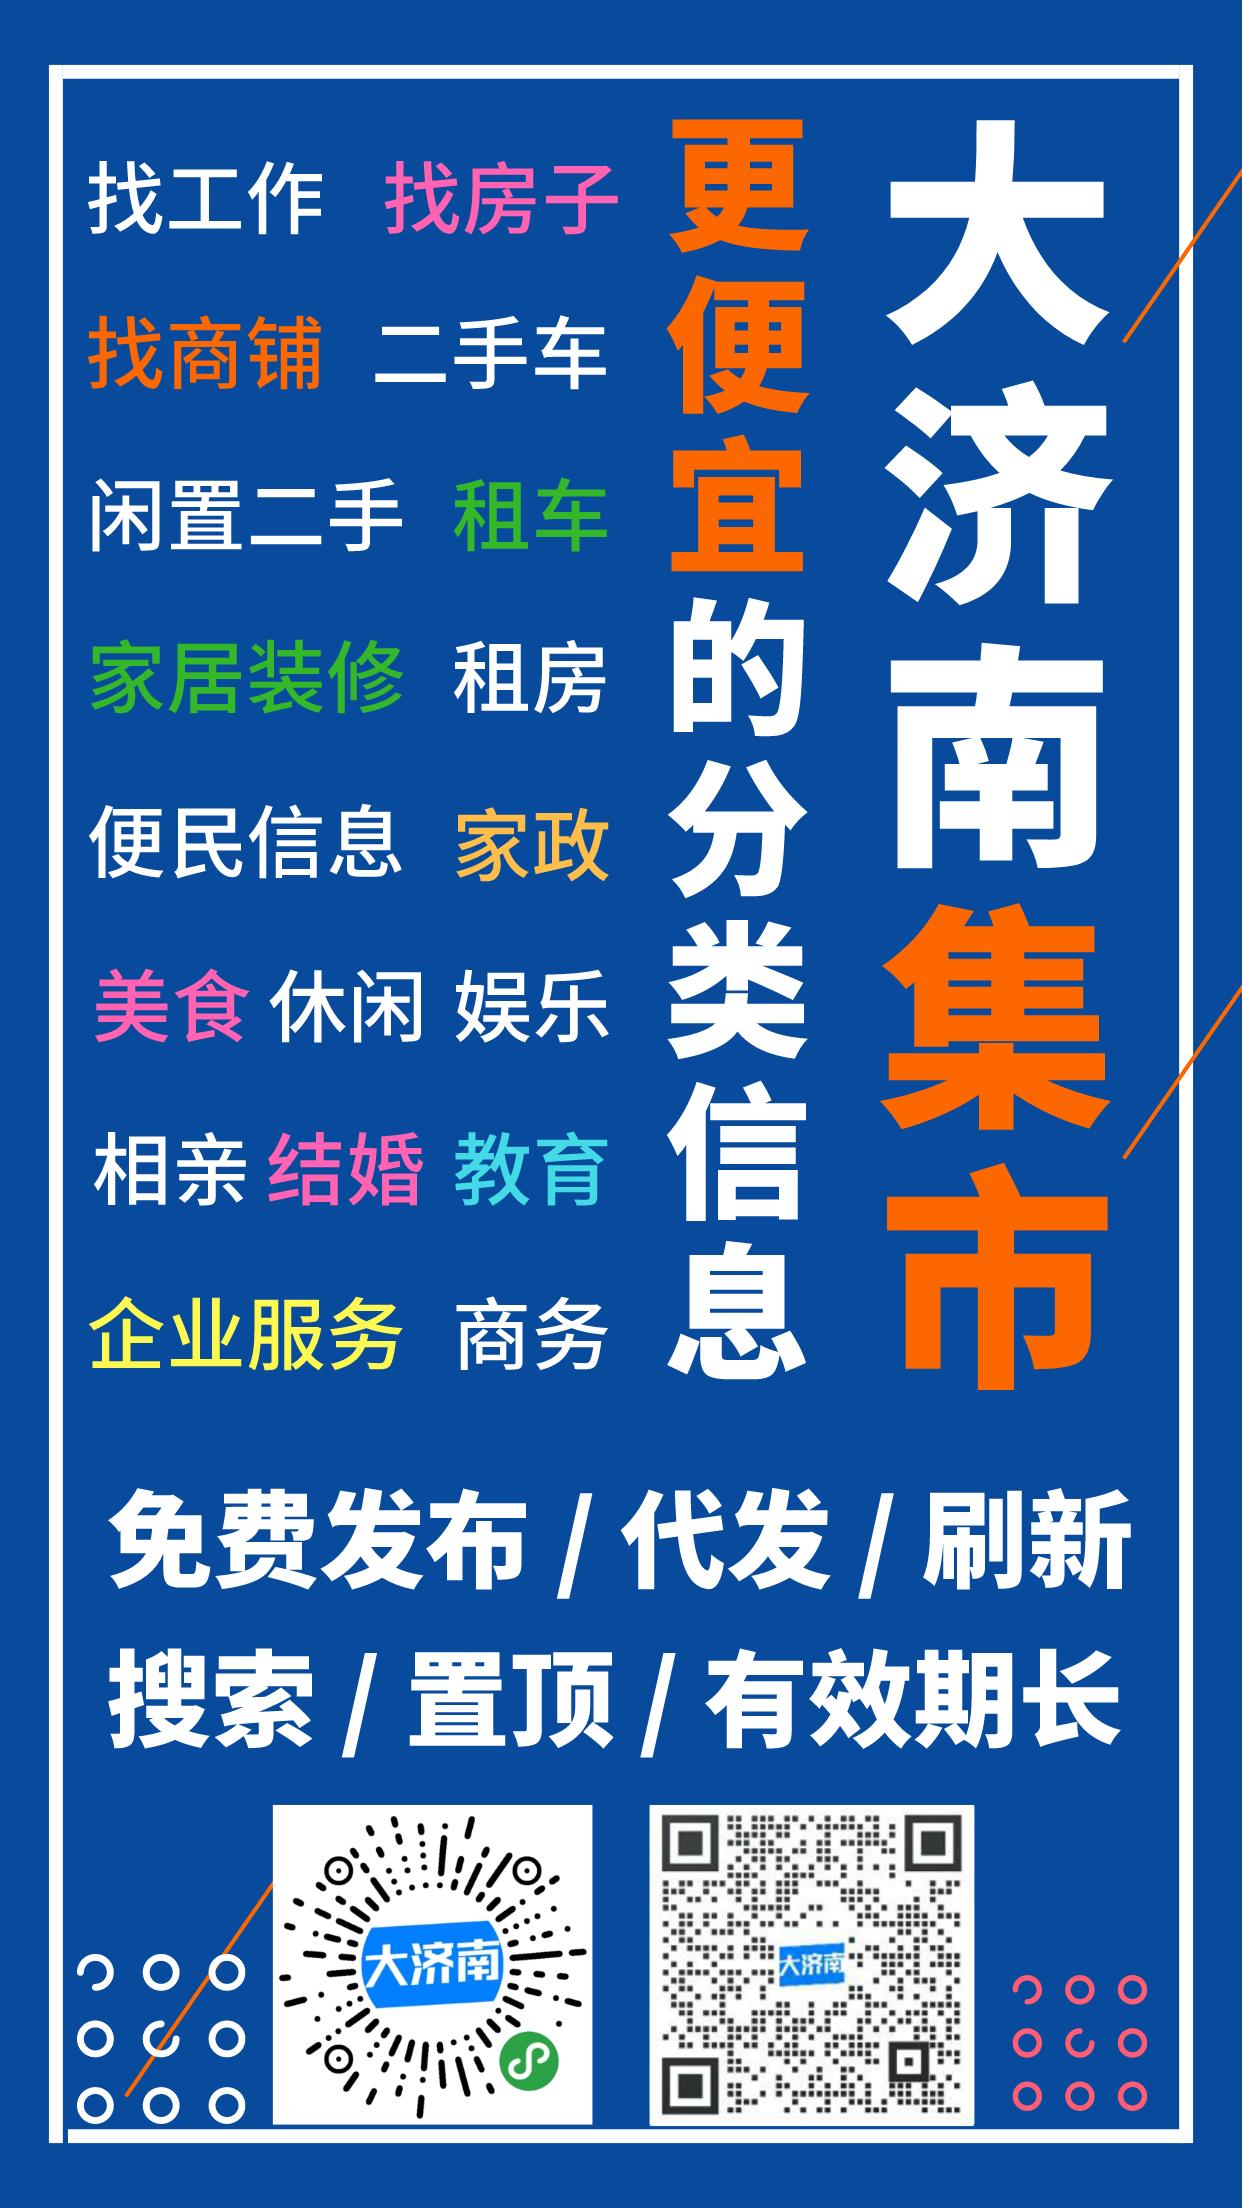 【大济南集市·我们有话说】2021年1月12日,说说您觉得是先成家呢,还是先立业呢?